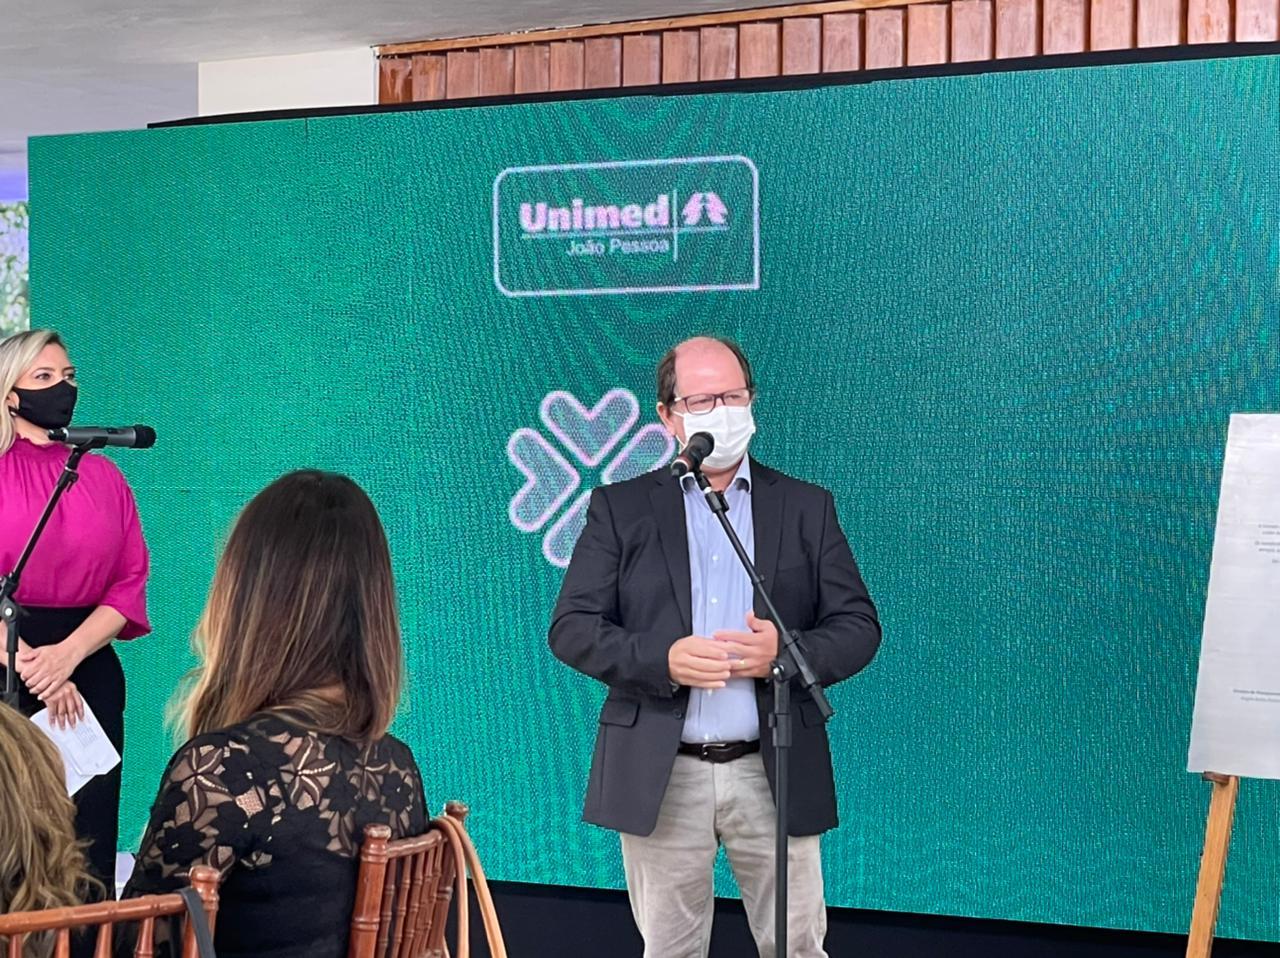 13076f10 b57f 466d ac47 ffa59d9da3c0 - Unimed João Pessoa inaugura clínica de reabilitação e promoção à saúde - VEJA VÍDEO